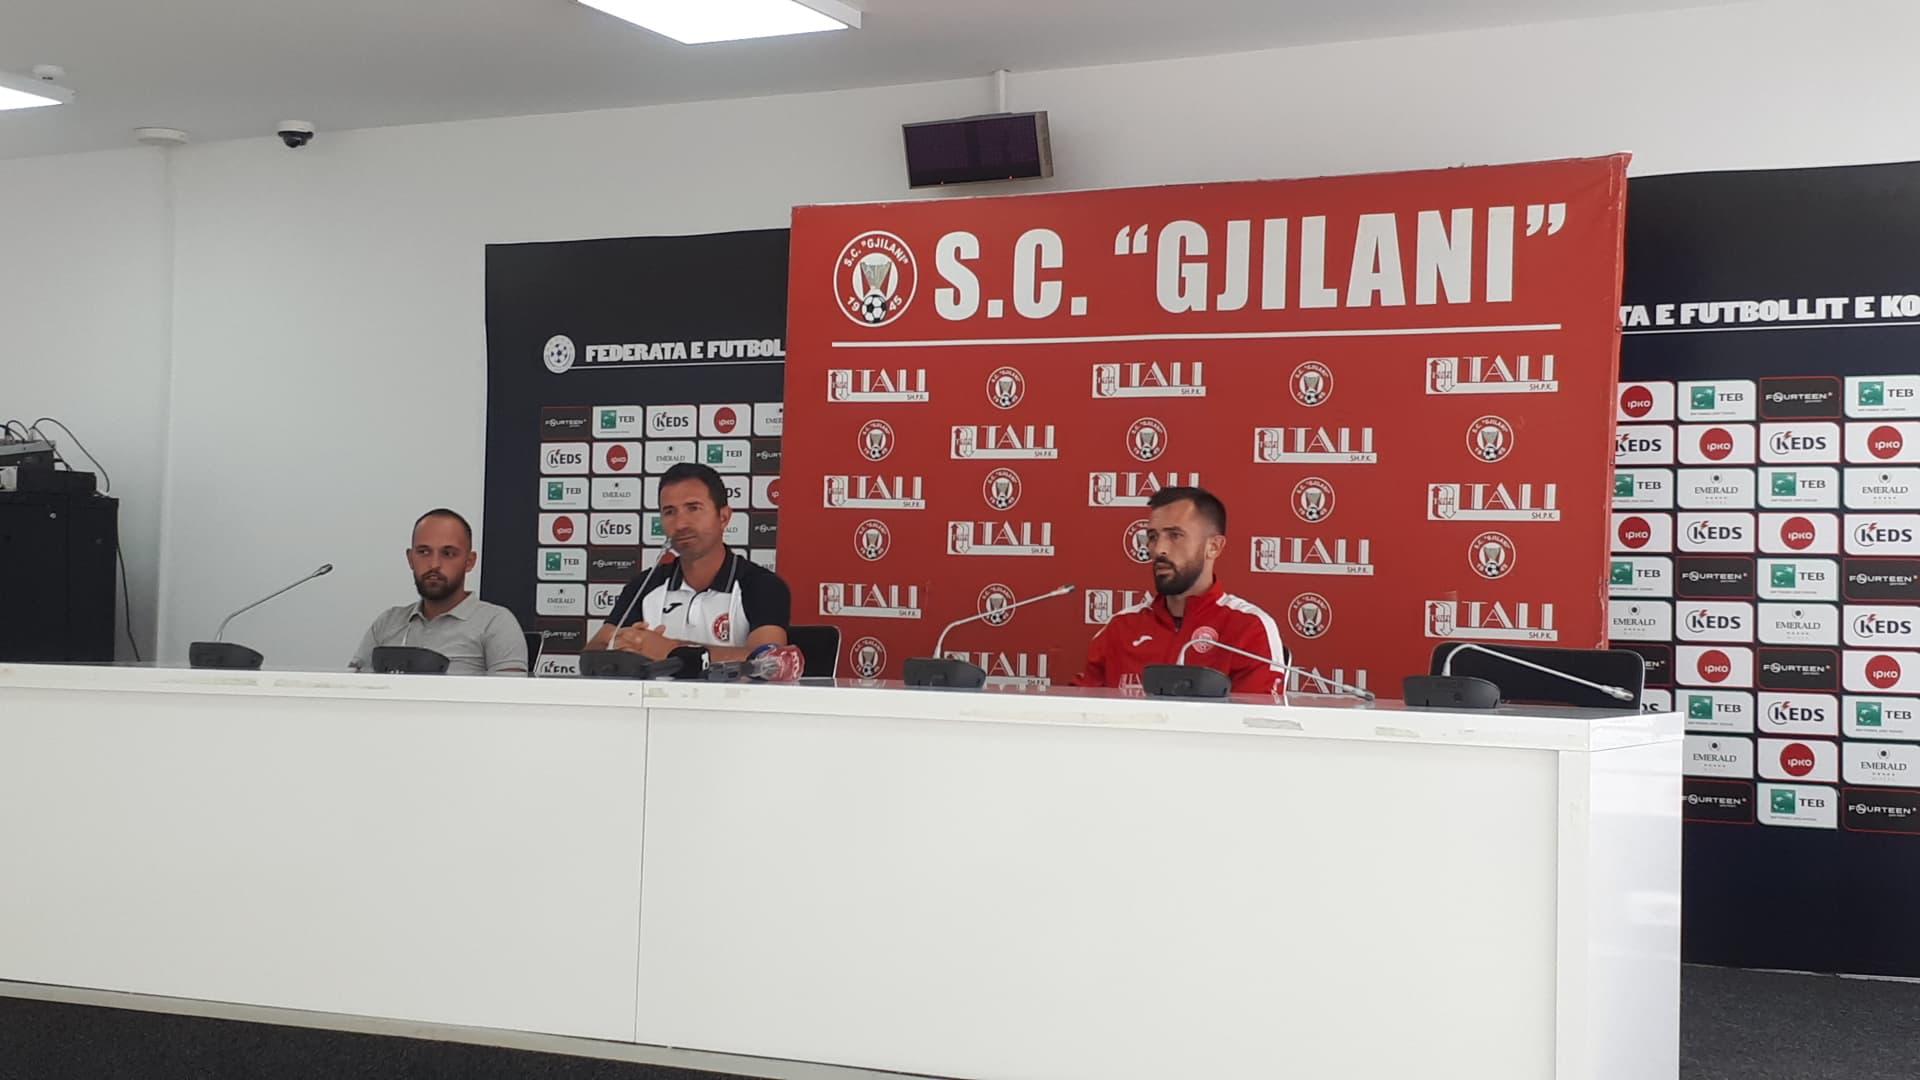 Gjilani nuk i frikësohet APOEL-it, Mezani e Usenin njëzëri: Gjasat e barabarta, duam ta fitojmë ndeshjen